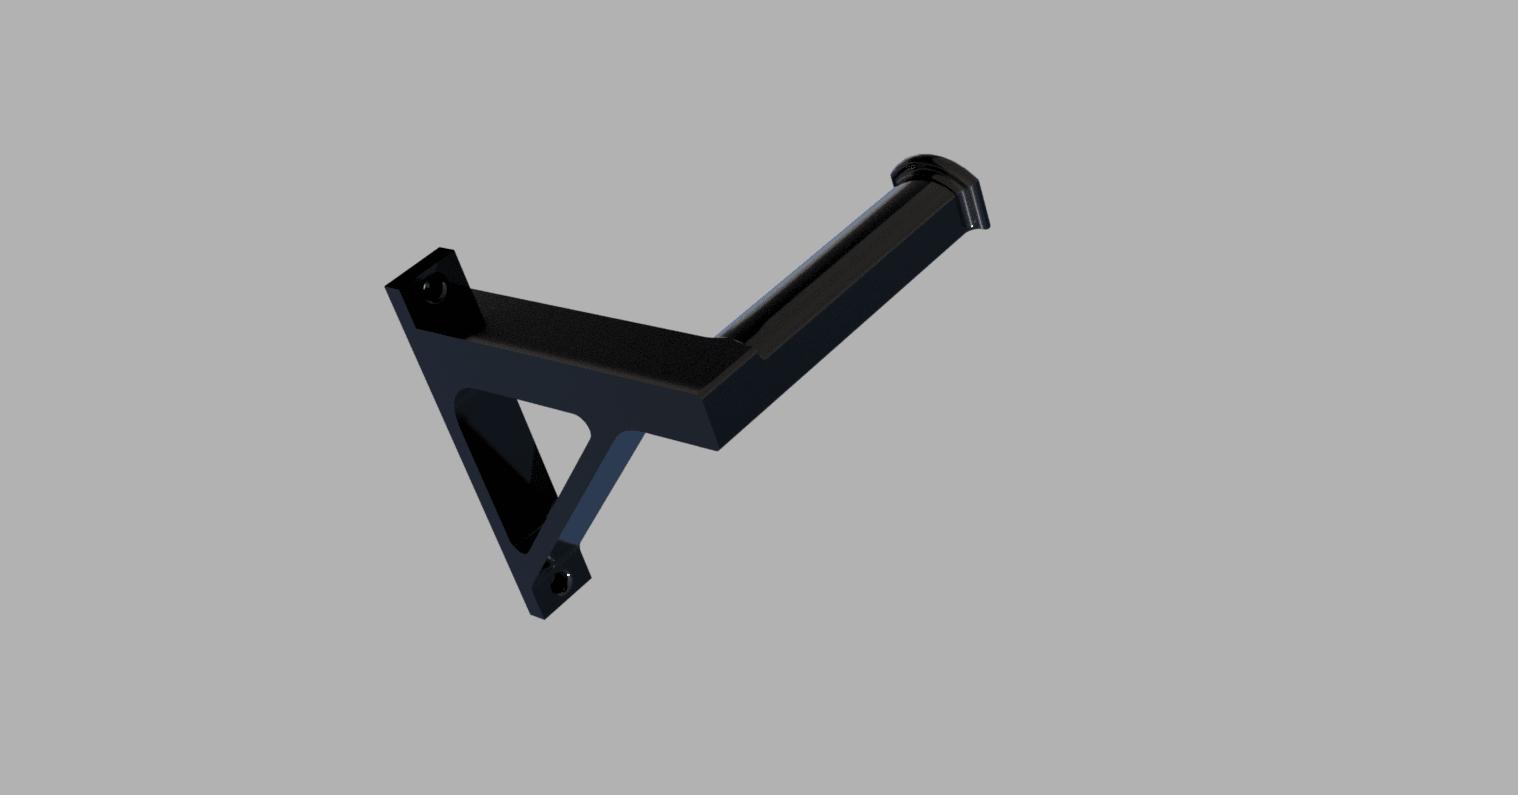 portebobine v4.png Download free STL file wall spool holder • 3D printer template, MME